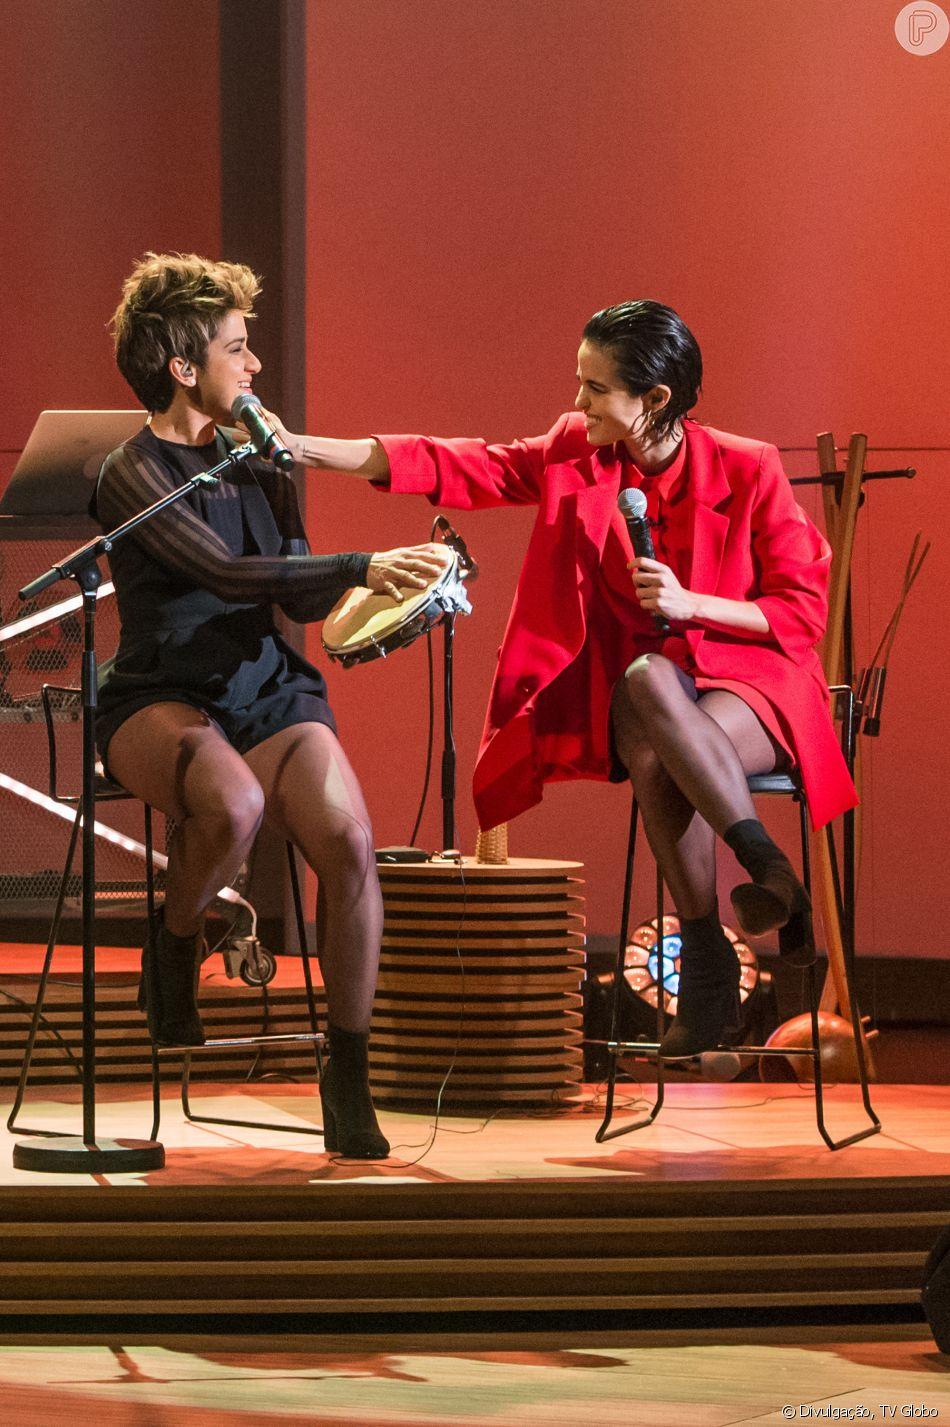 Nanda Costa e Lan Lahn participaram do Grammy Latino que aconteceu na noite de 15 de novembro de 2018 em Las Vegas